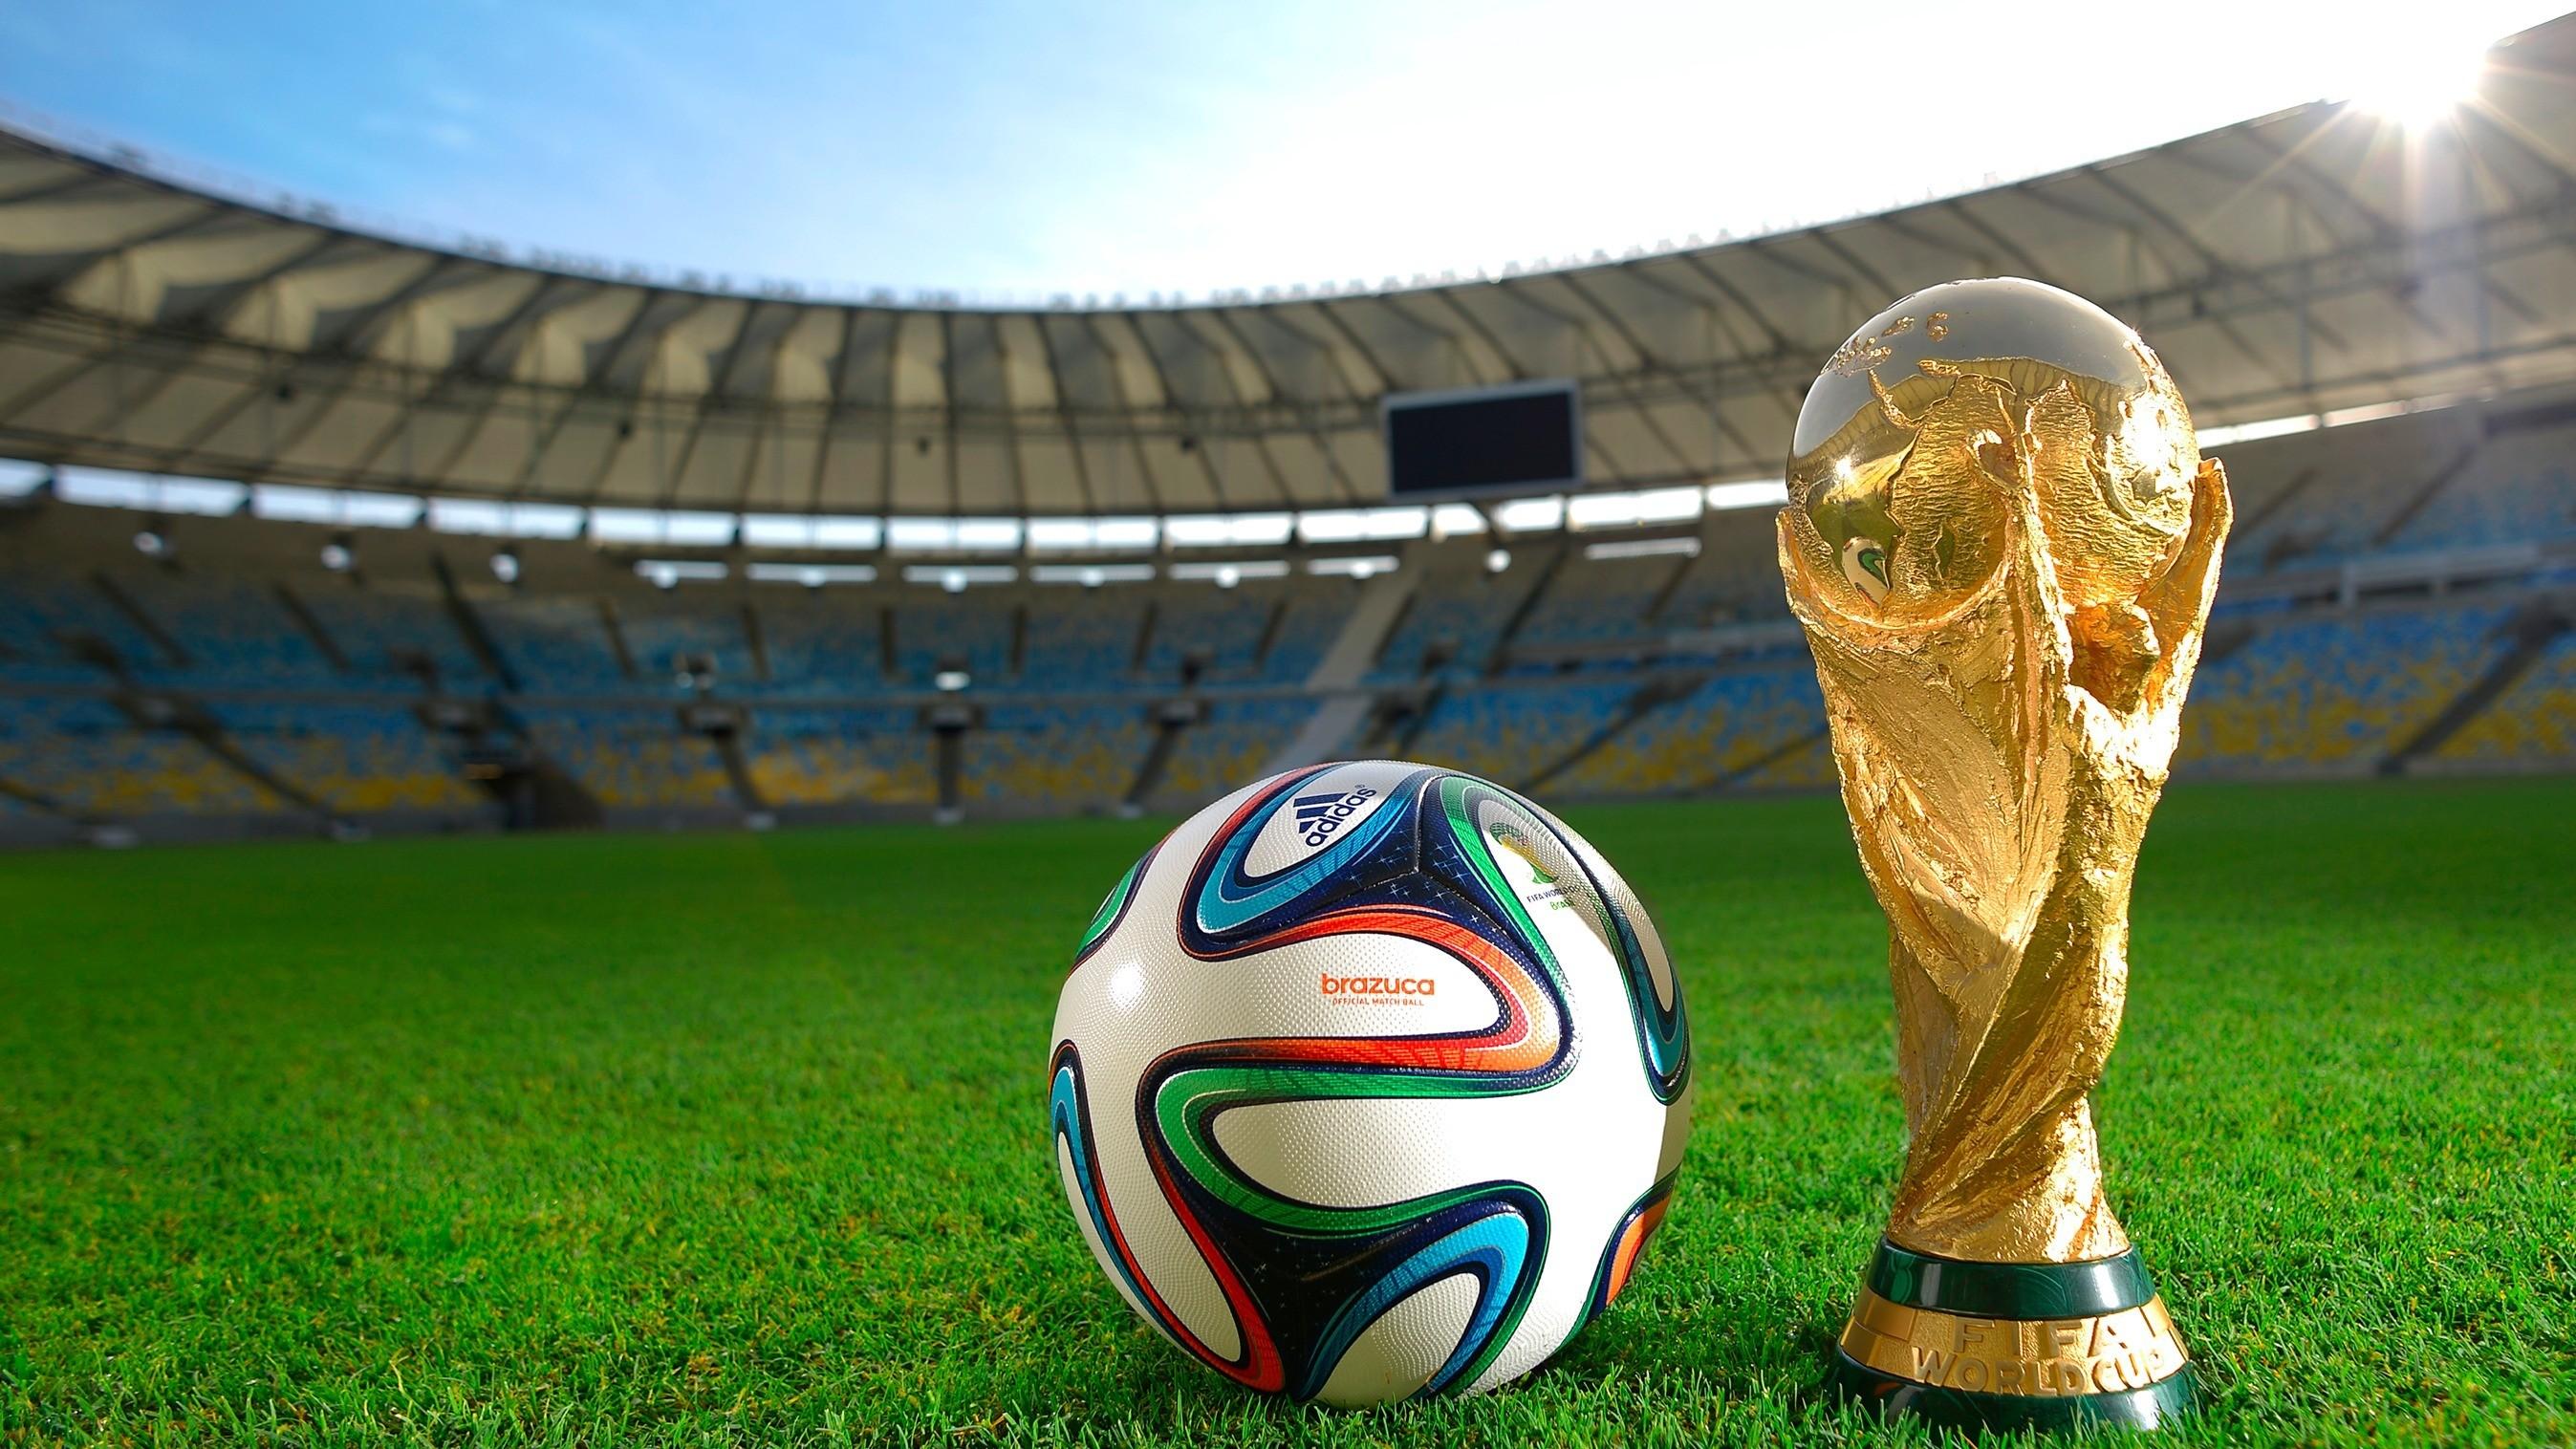 Fußball-Weltmeisterschaft 2018